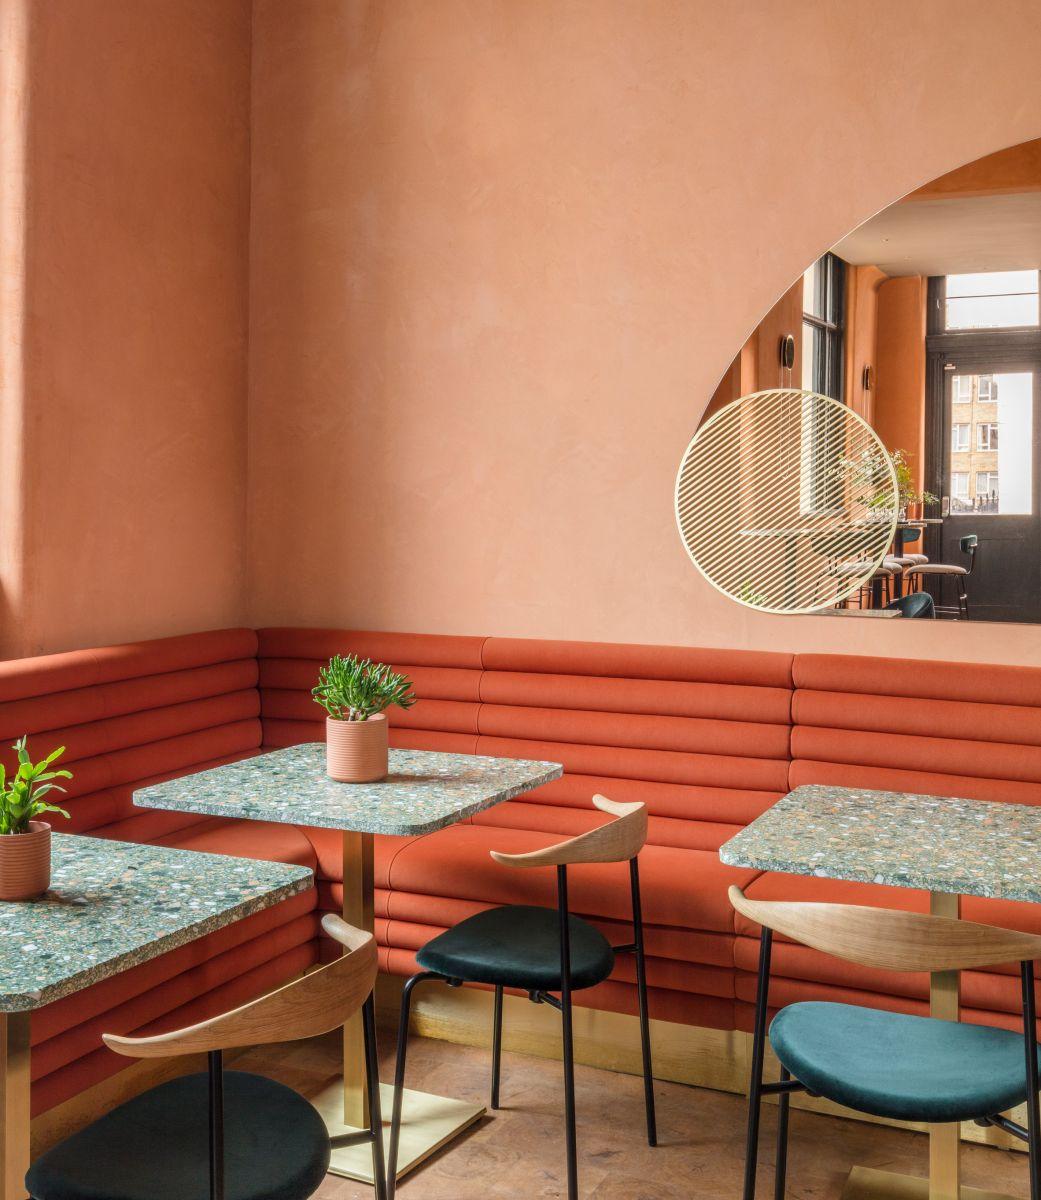 Mẫu thiết kế nội thất hiện đại cho quán cafe, nhà hàng phong cách Châu Âu